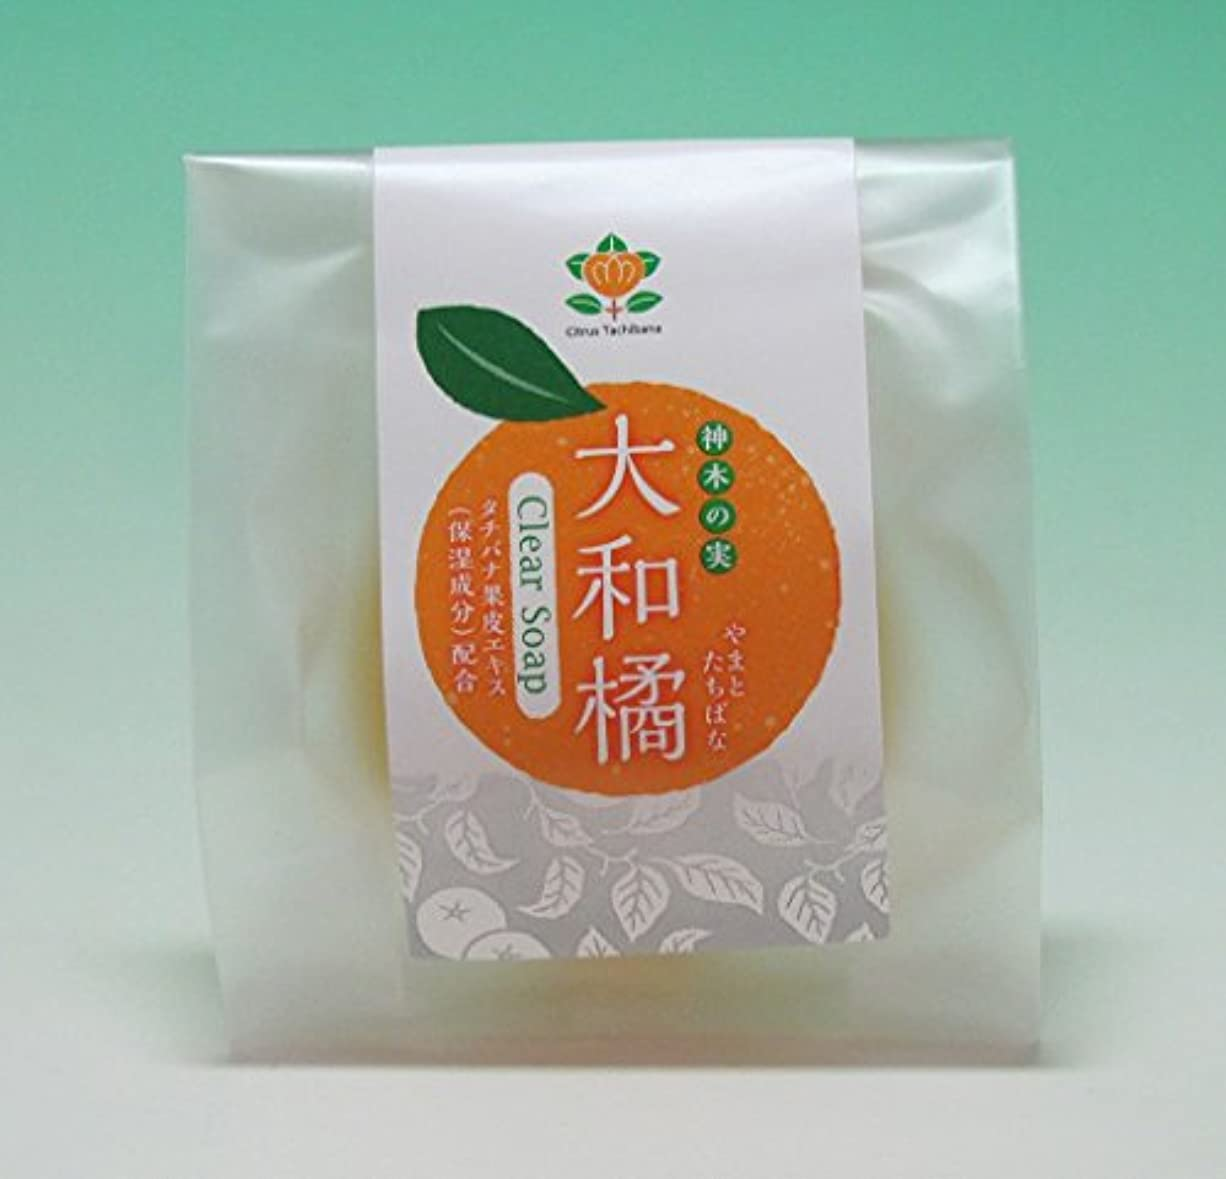 受粉者コンセンサス簿記係神木の果実 大和橘枠練石鹸